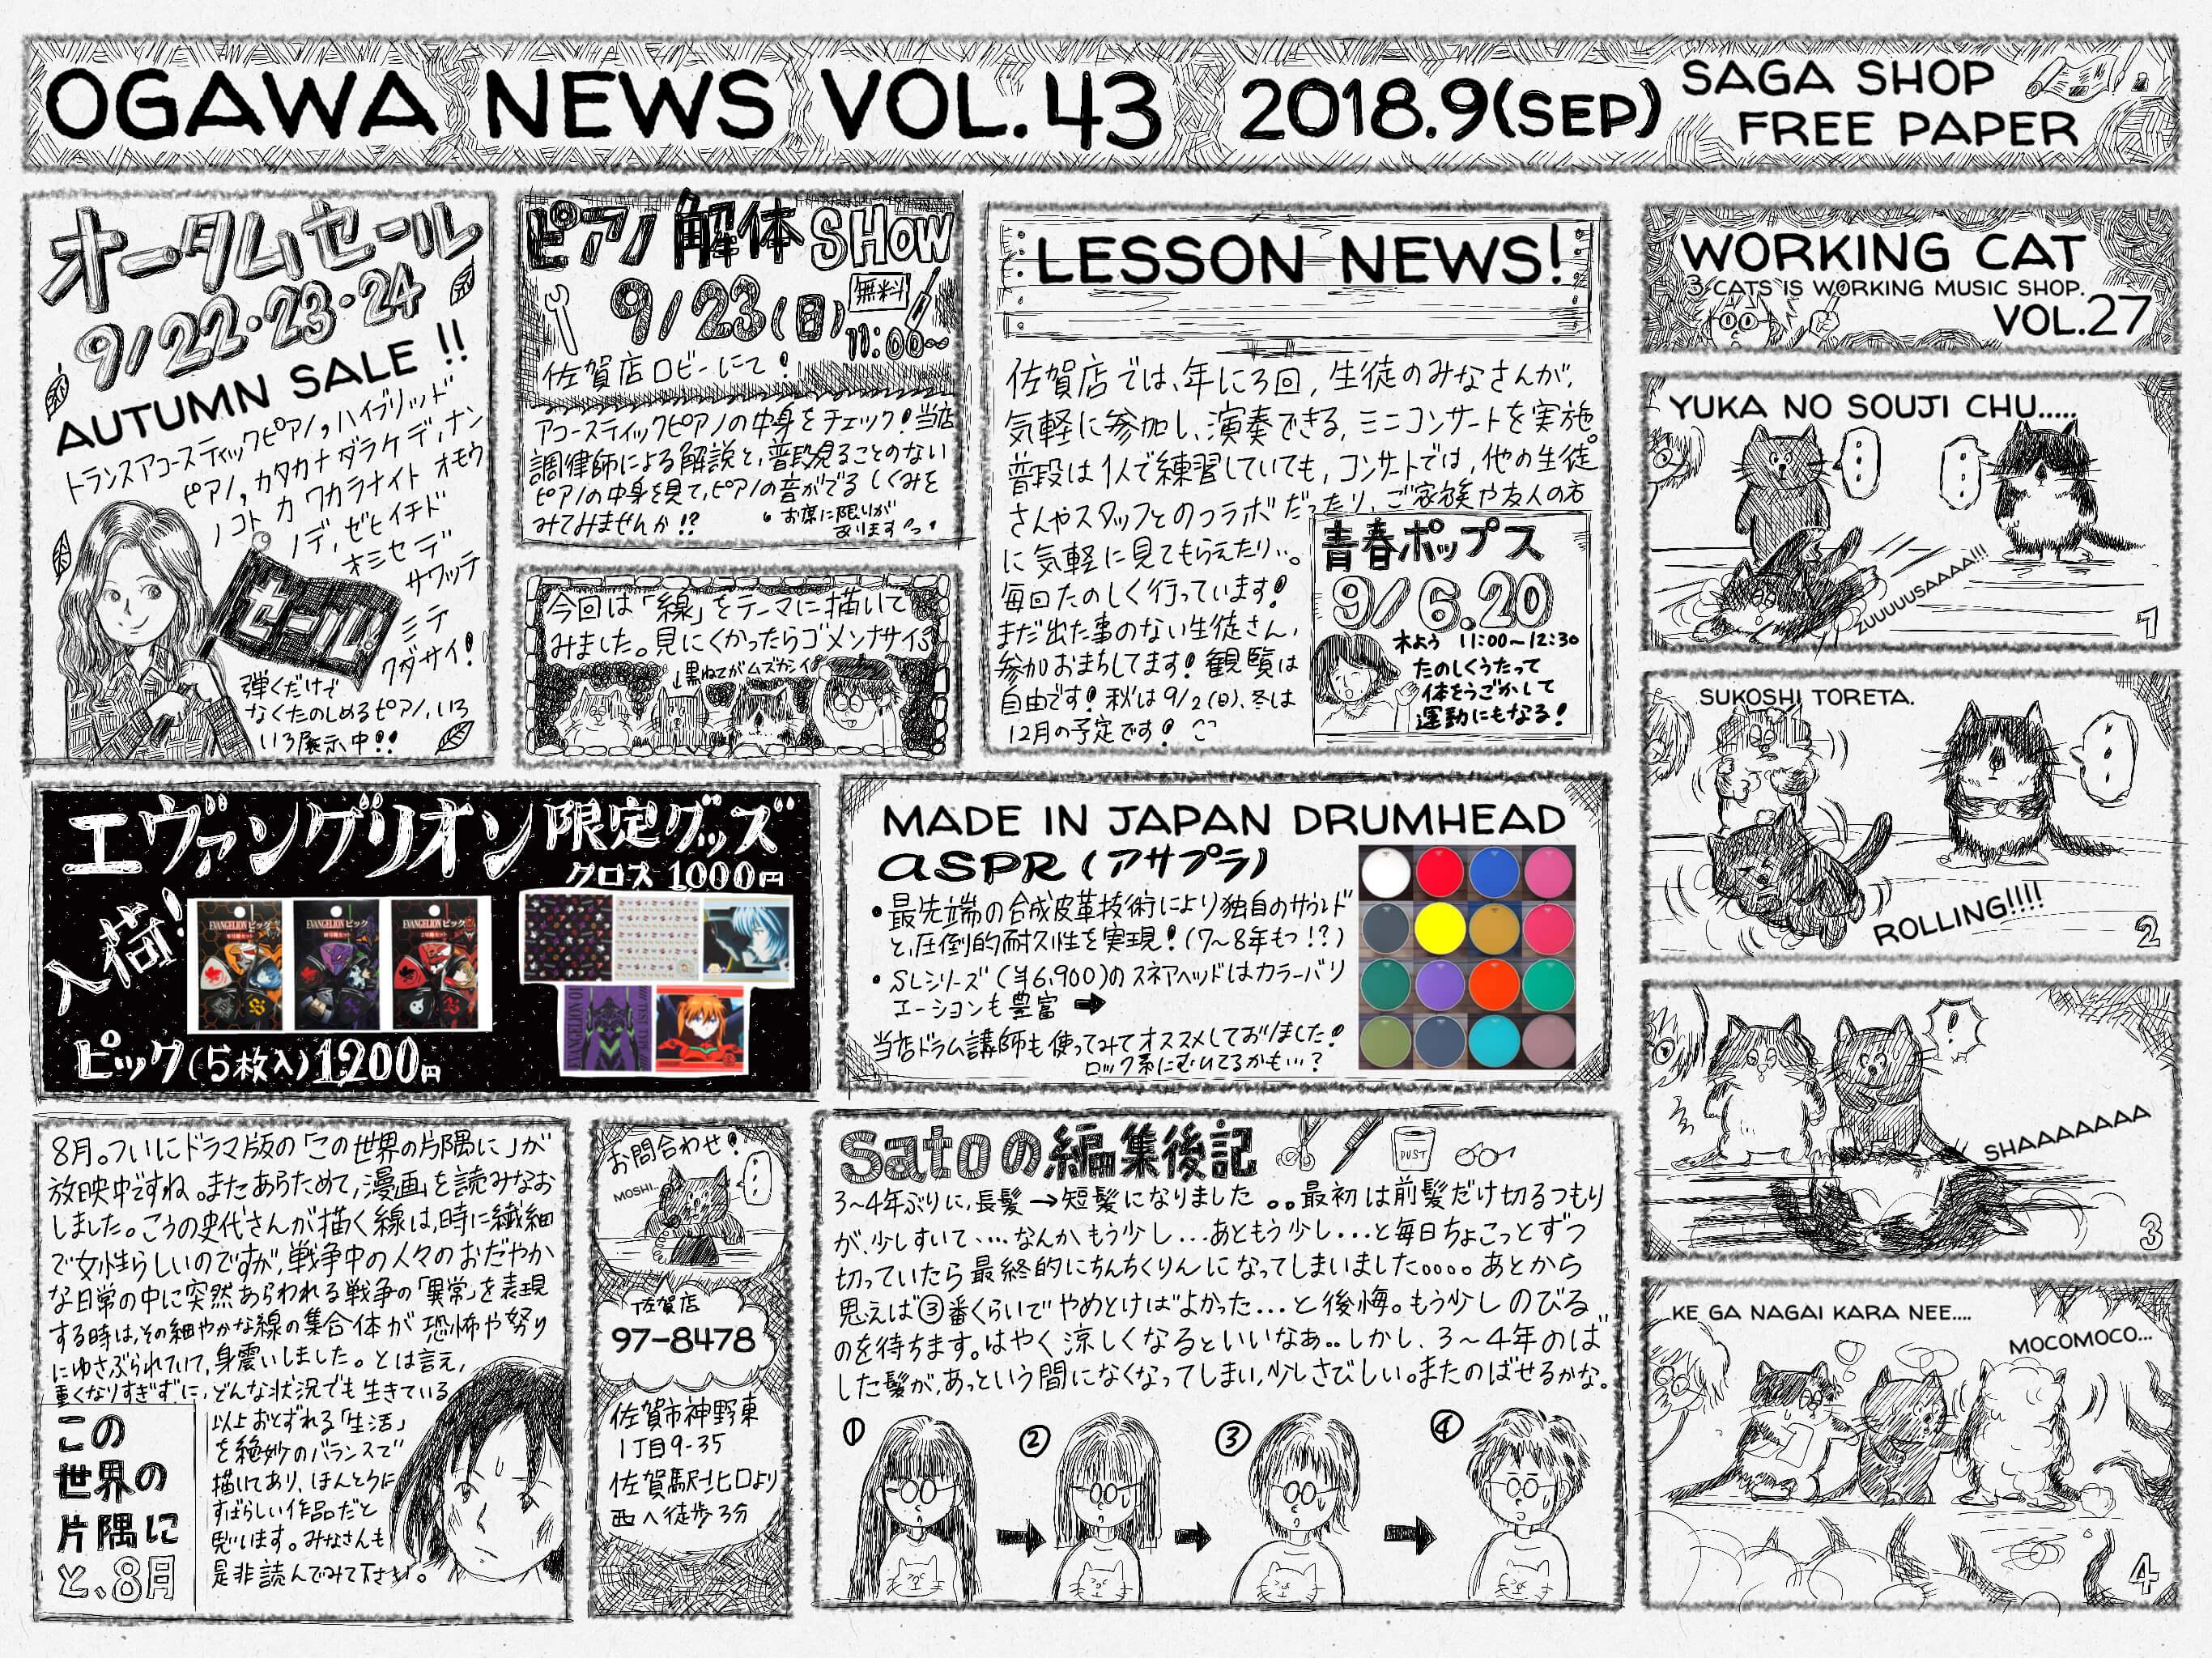 【佐賀店フリーペーパー】vol.43  2018年9月号